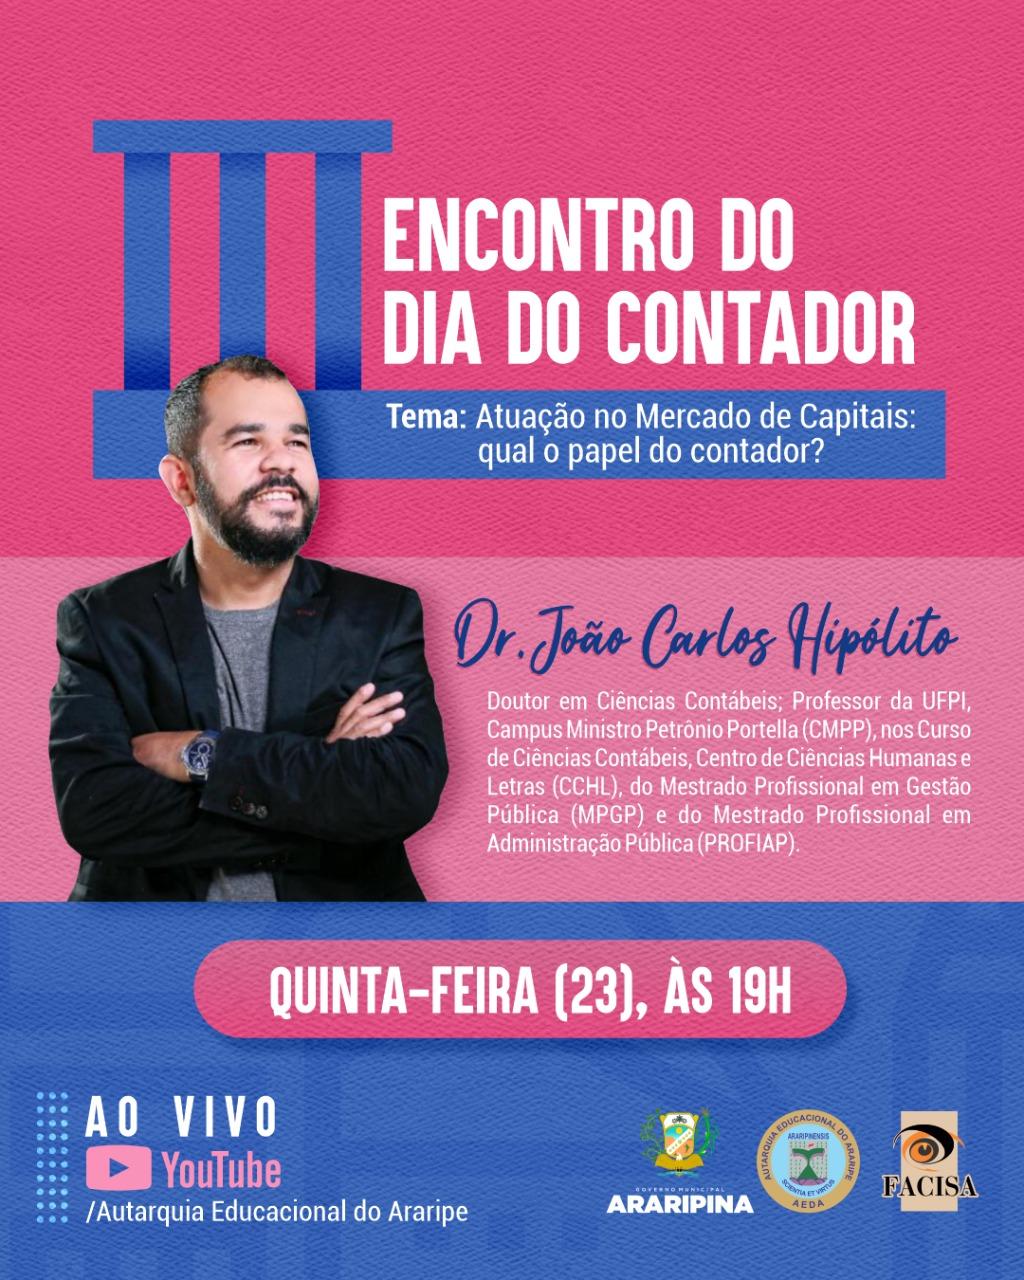 Curso de Ciências Contábeis da FACISA promoverá palestra em alusão ao dia do contador